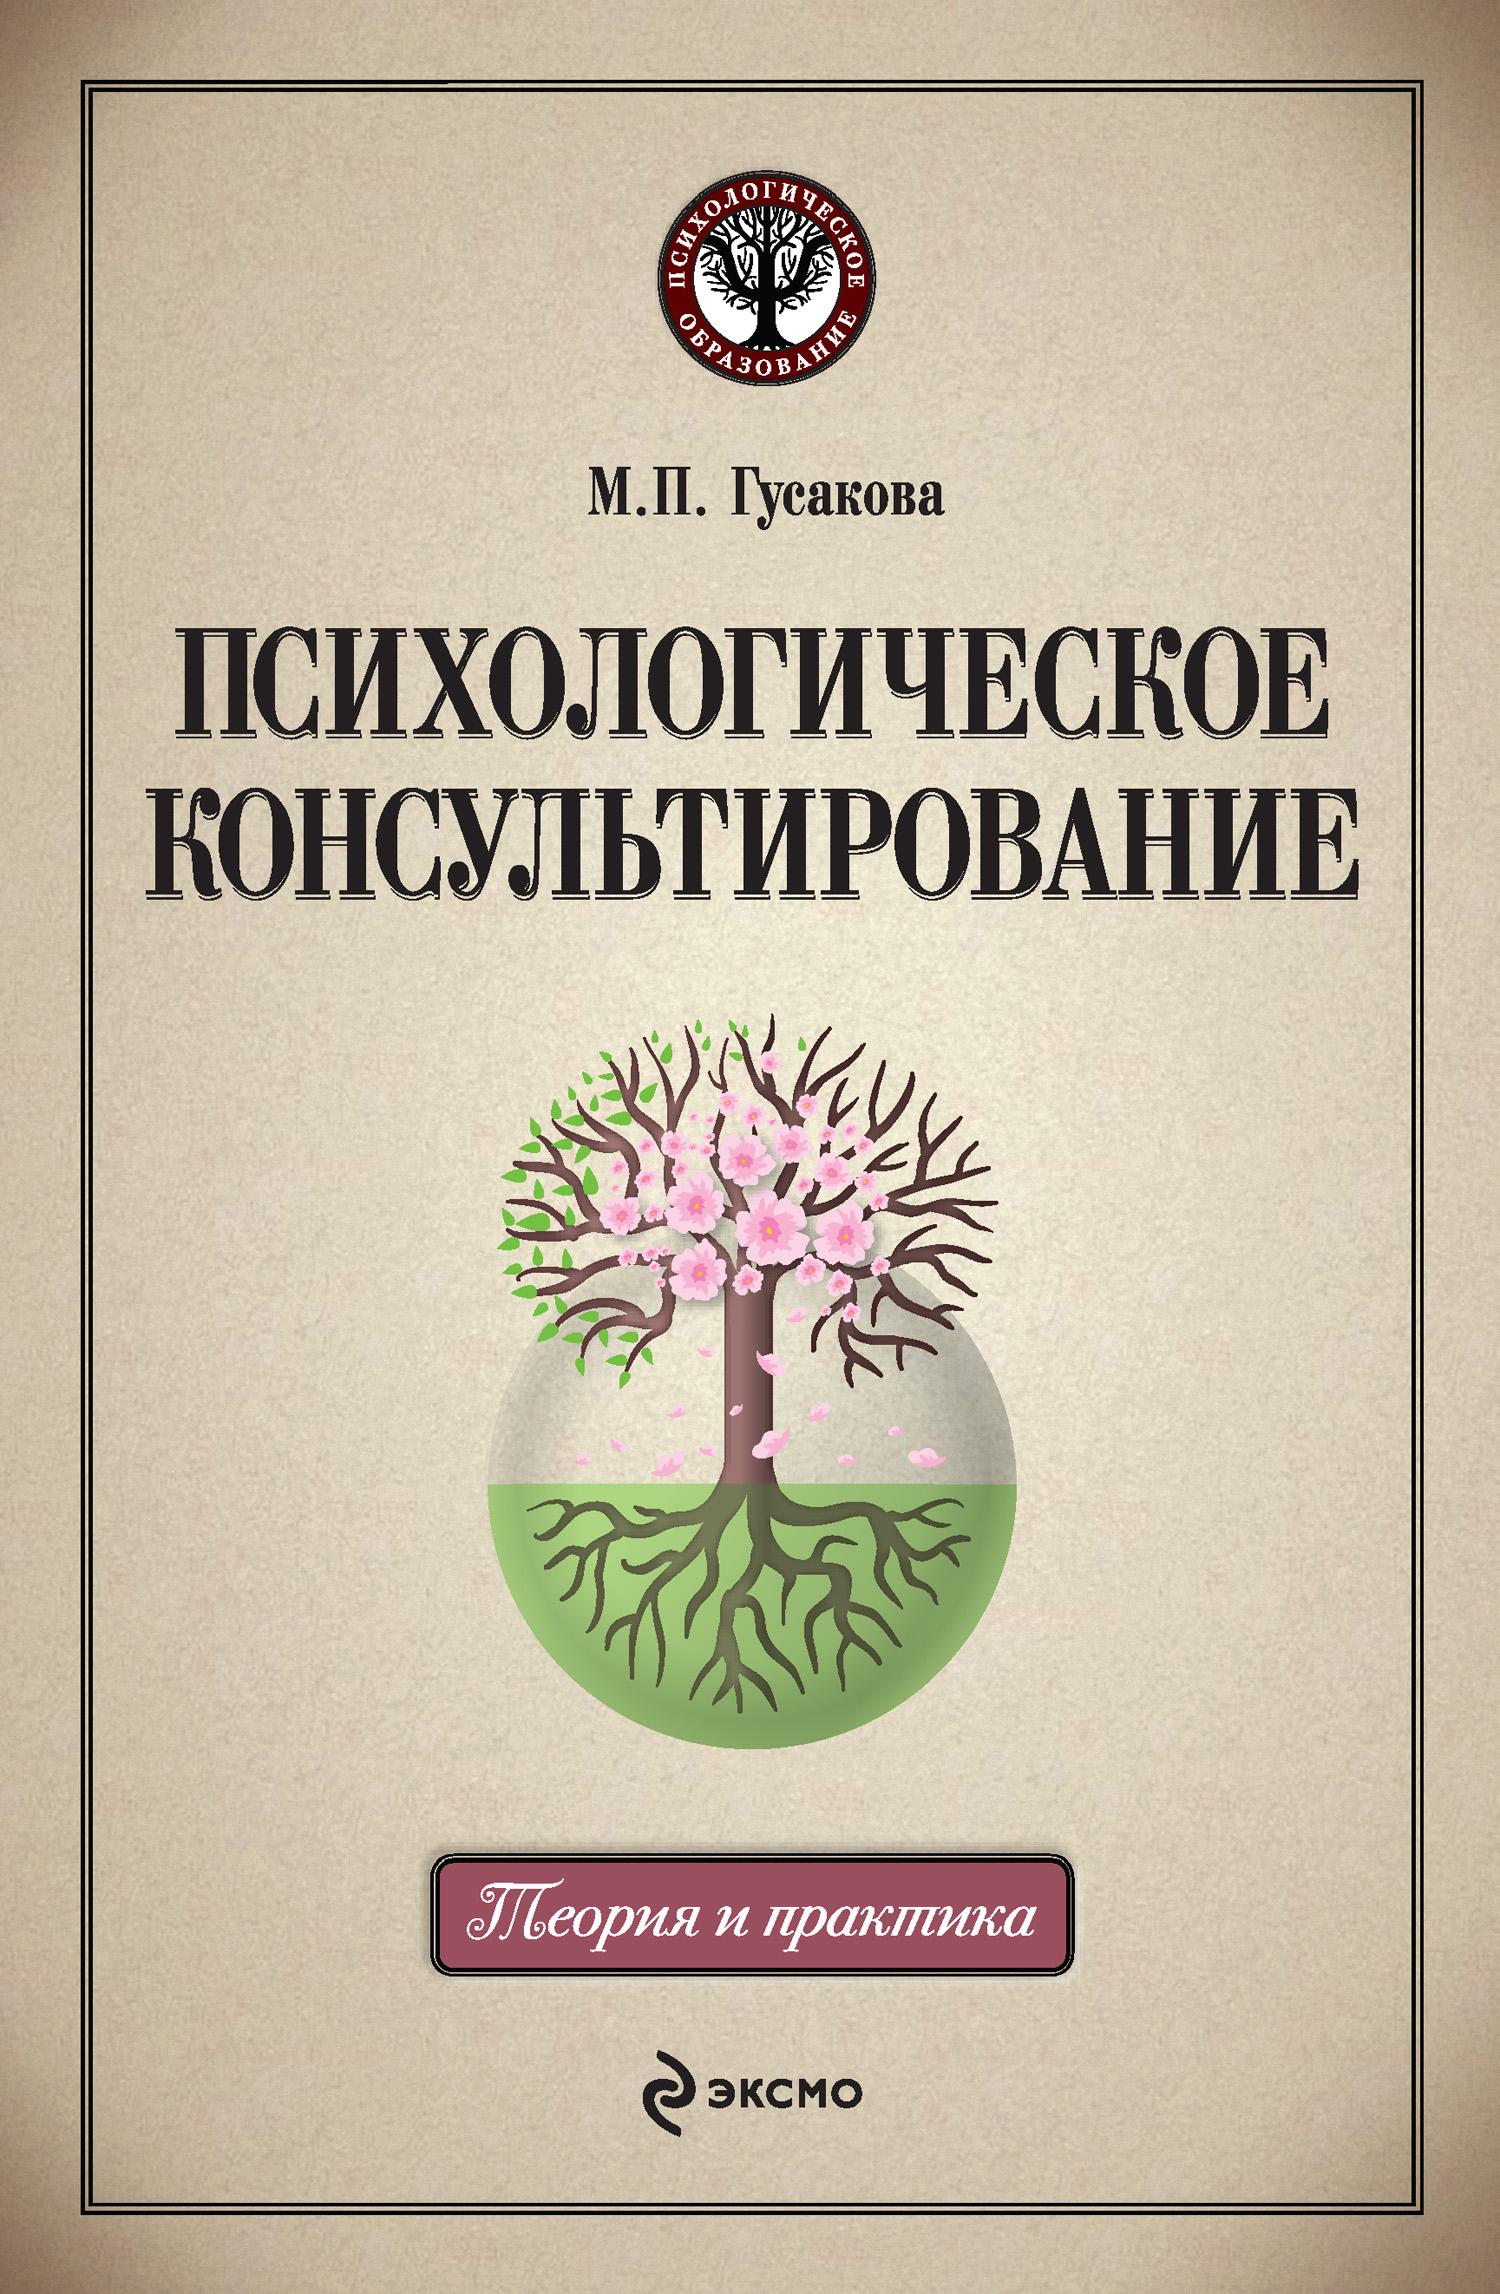 М. П. Гусакова Психологическое консультирование: учебное пособие о о андронникова основы психологического консультирования